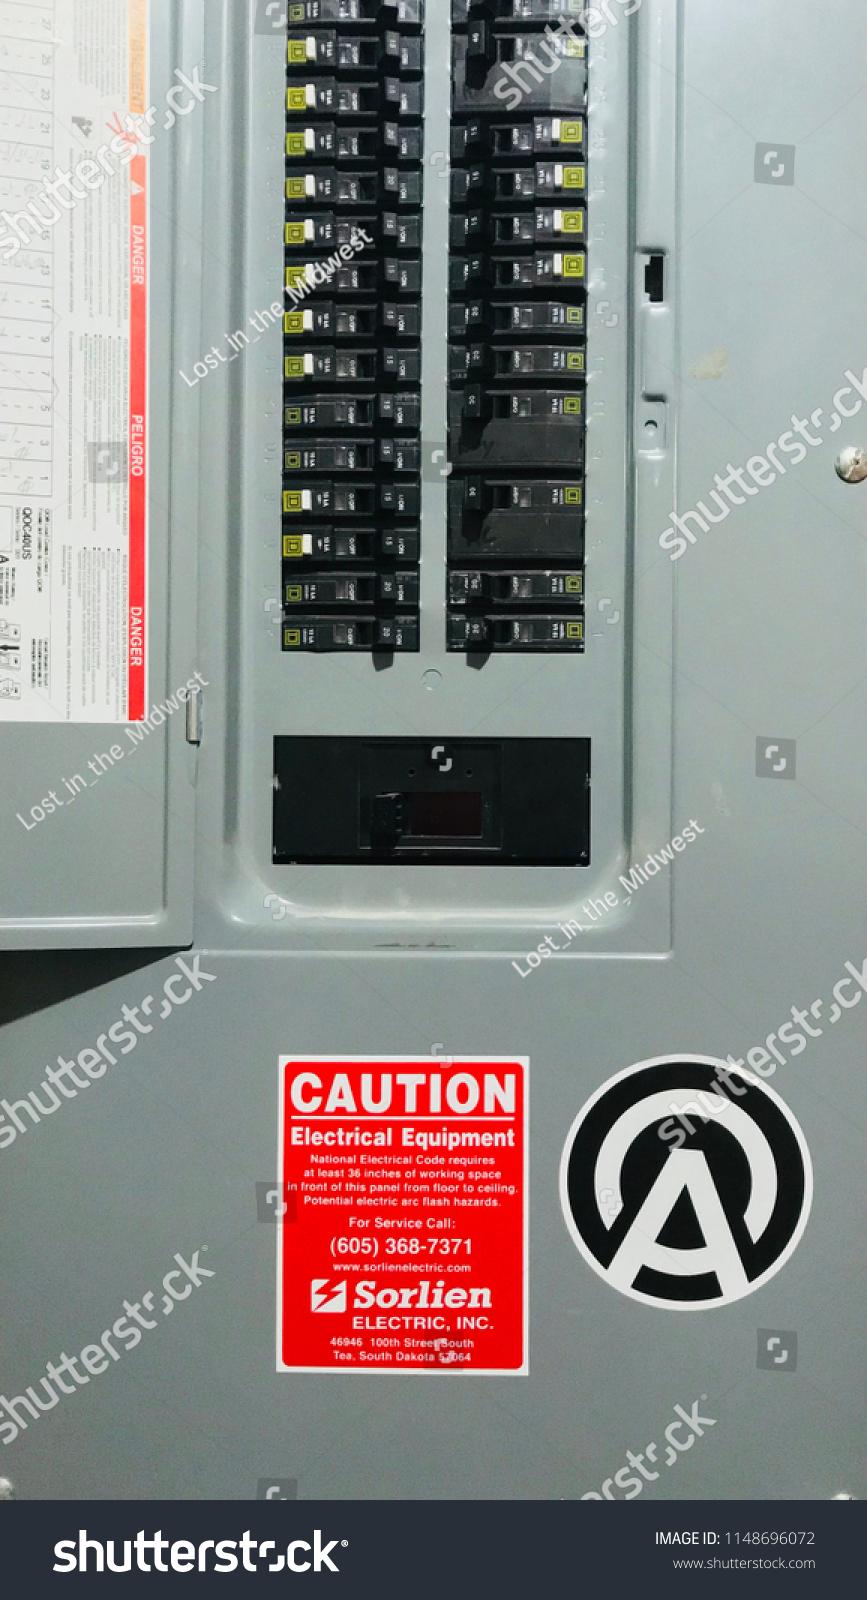 kelley iowa usa 82018 residential fuse stock photo (edit now residential  fuse box regulations kelley